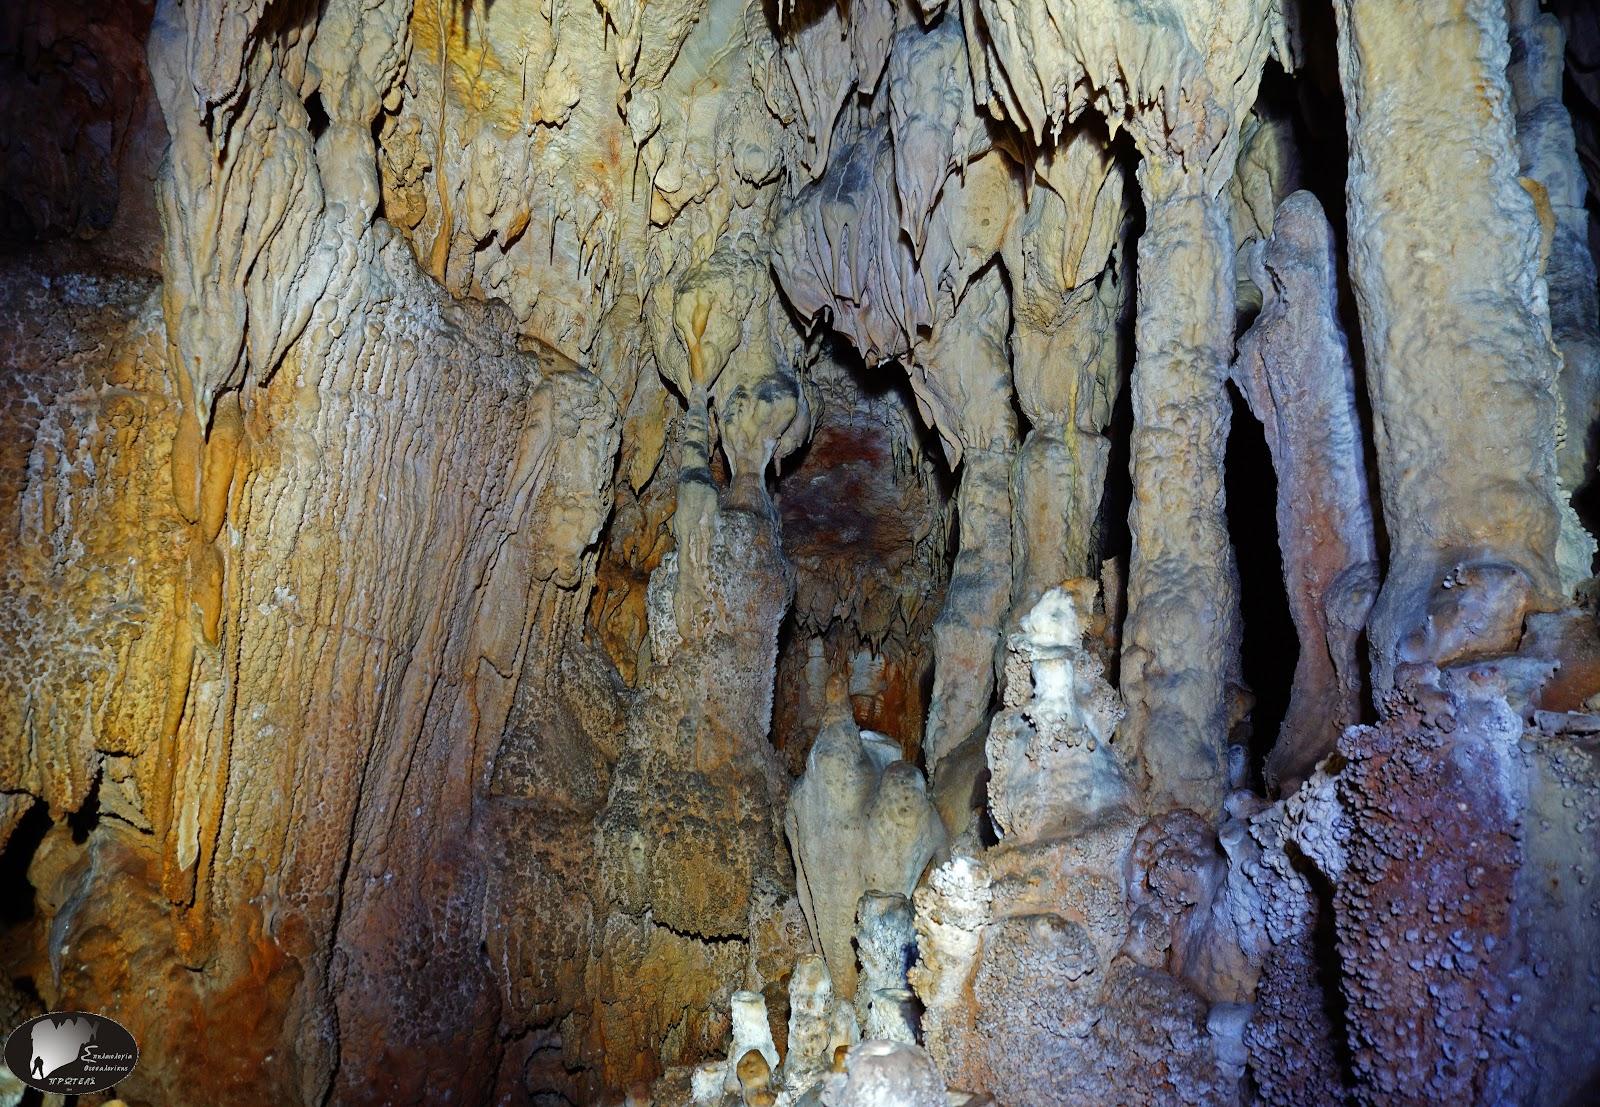 Κλέβει τις εντυπώσεις το Σπήλαιο Δρυάδων στα Λιβερά της Ξάνθης